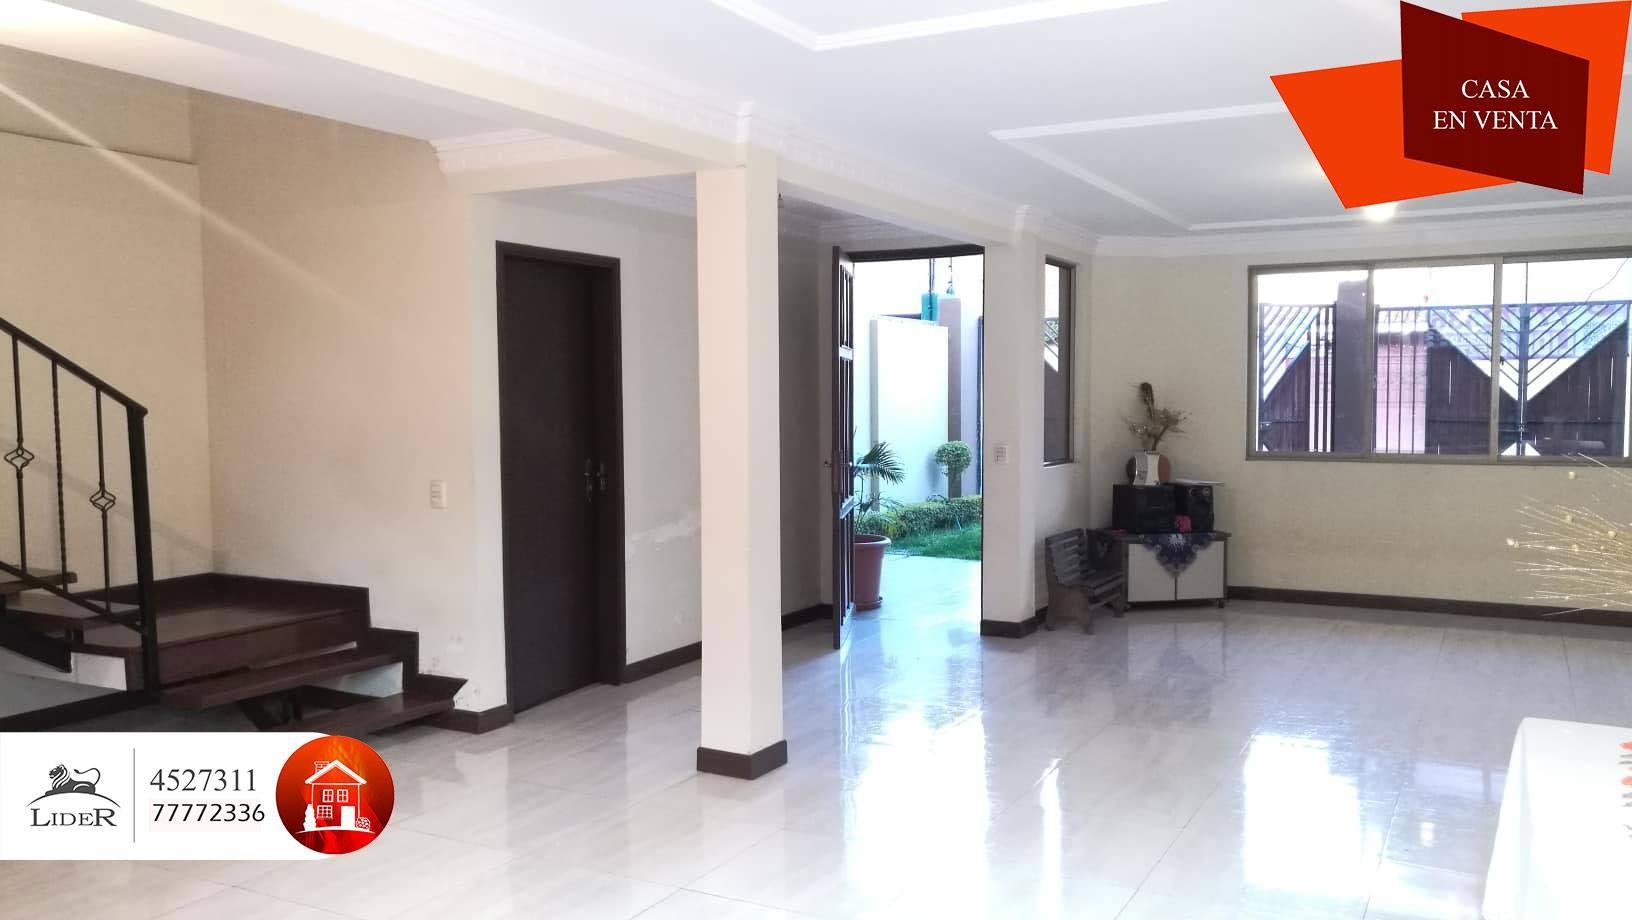 Casa en Venta CHALET PROXIMO AV. AMÉRICA OESTE (BARRIO PROFESIONAL) Foto 7